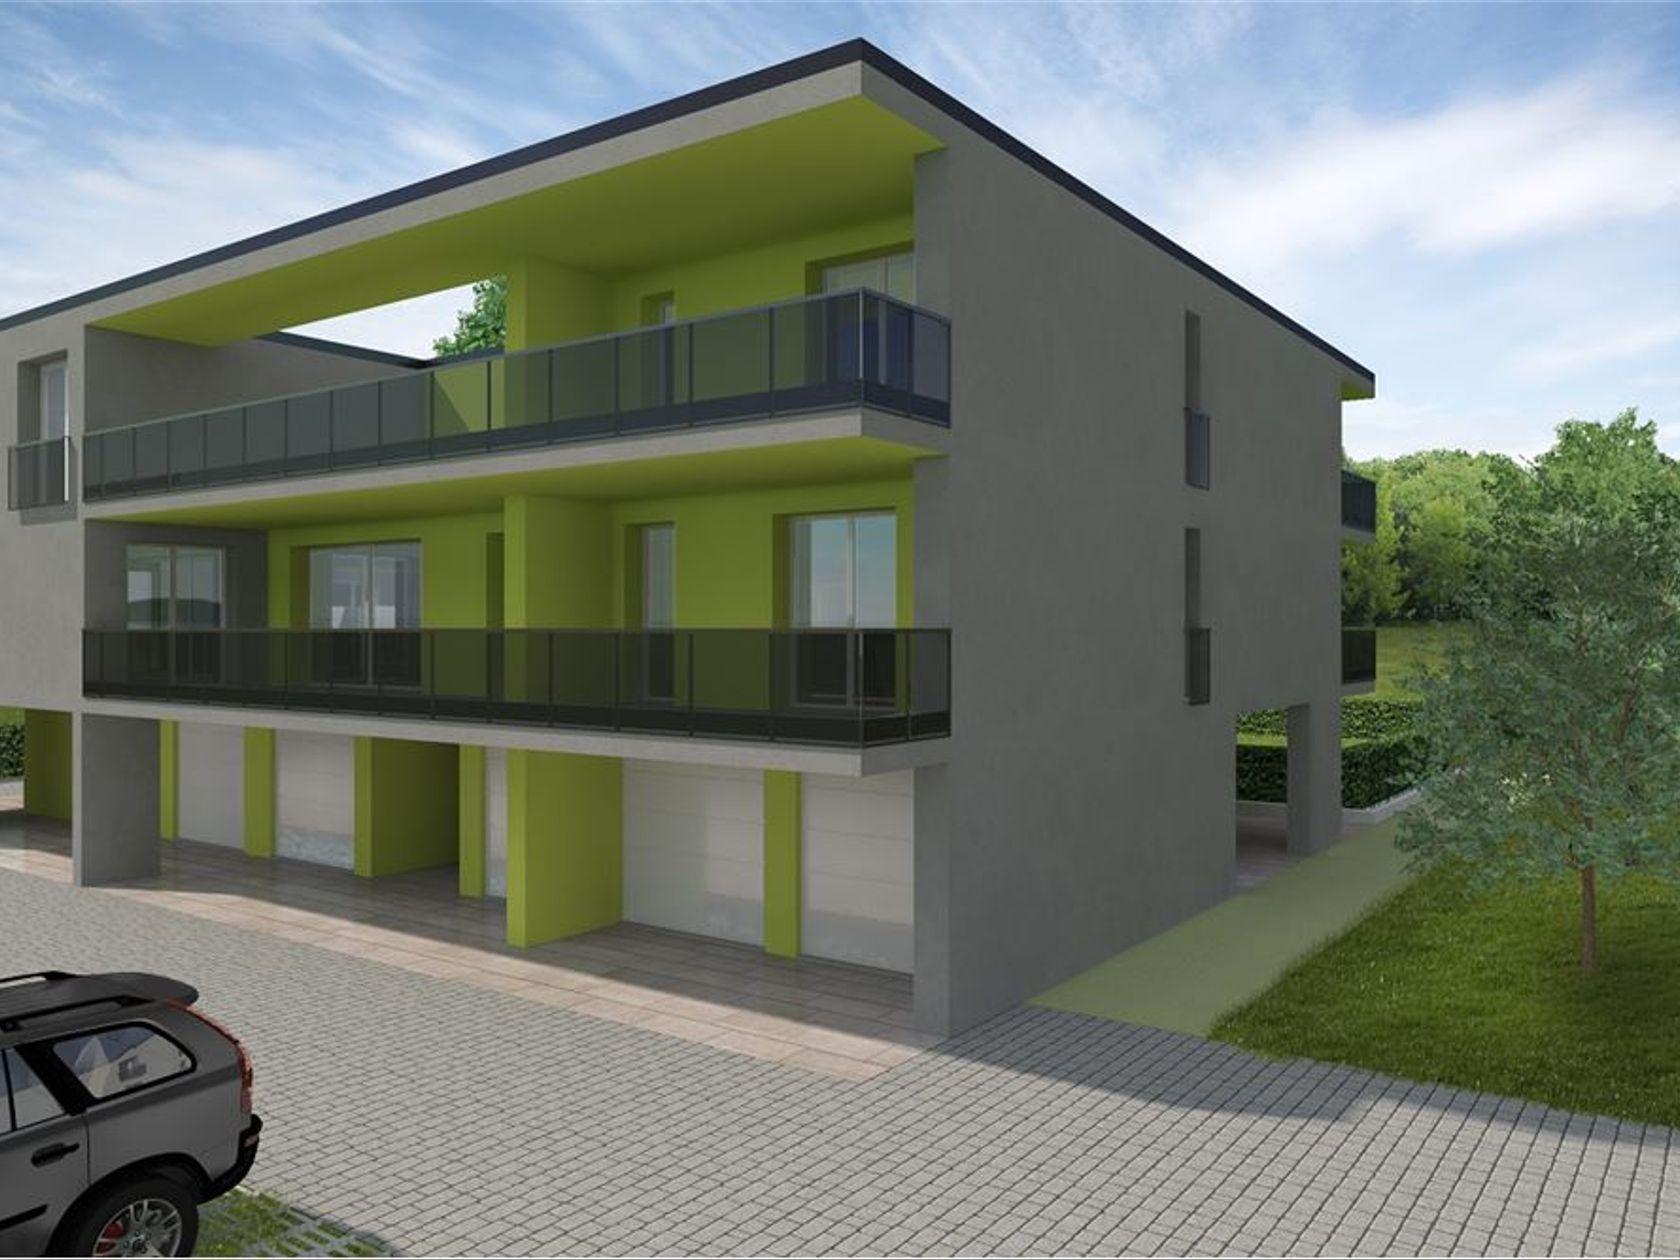 Appartamento Tencarola, Selvazzano Dentro, PD Vendita - Foto 3